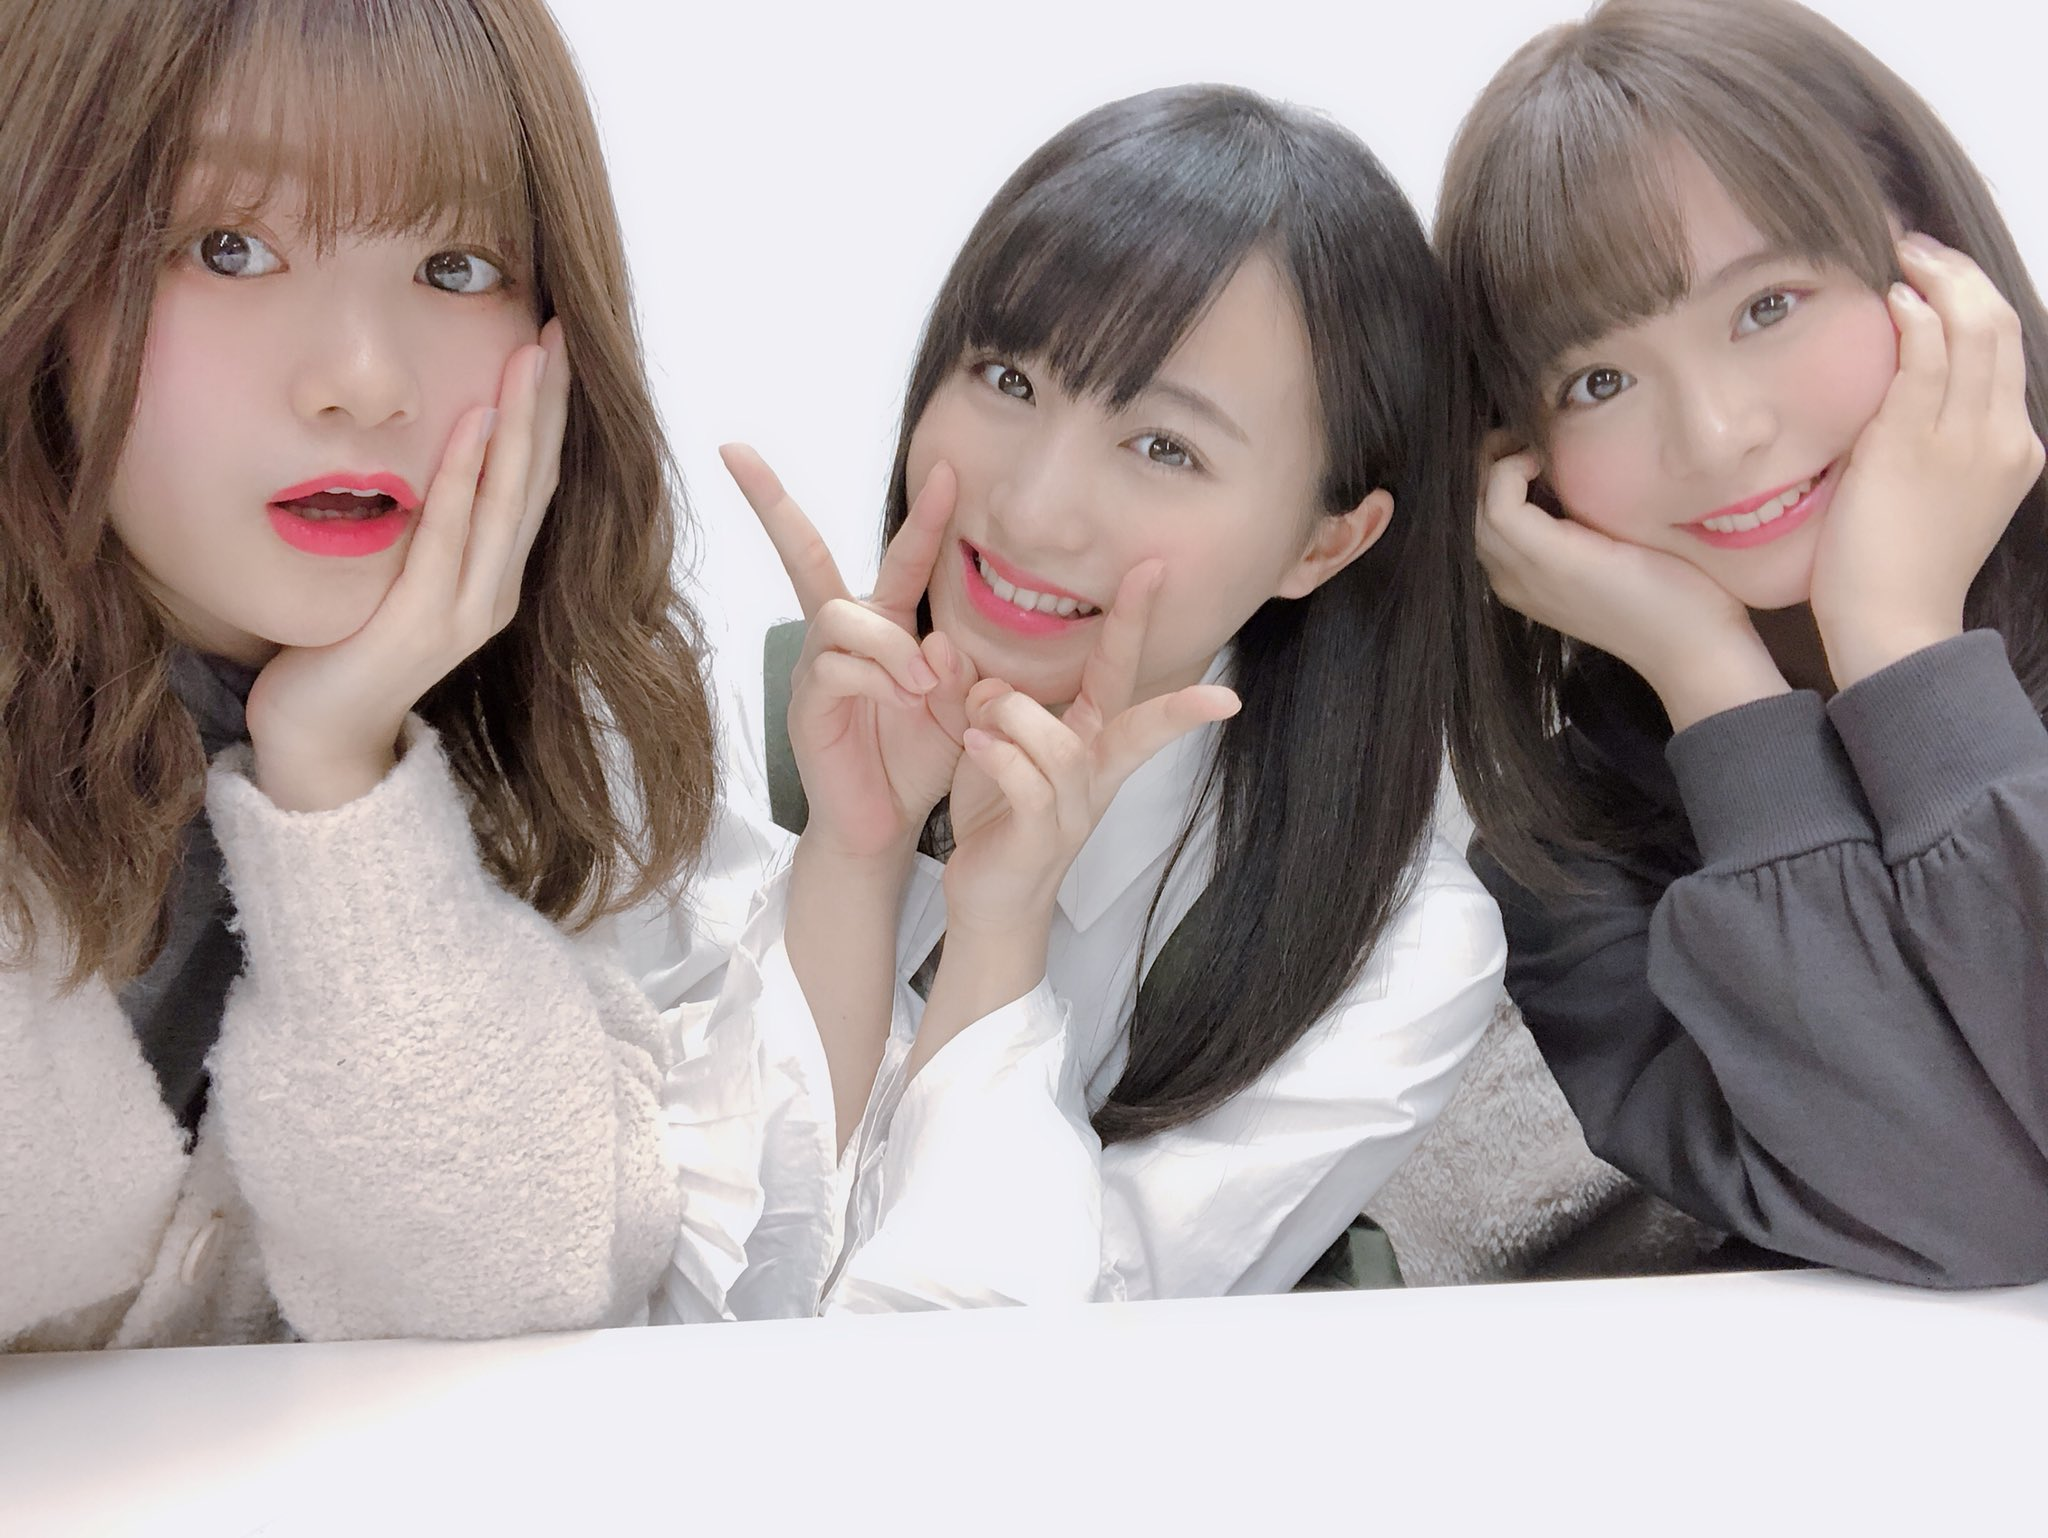 チーム8の凸凹トリオがAKB新聞に登場!!